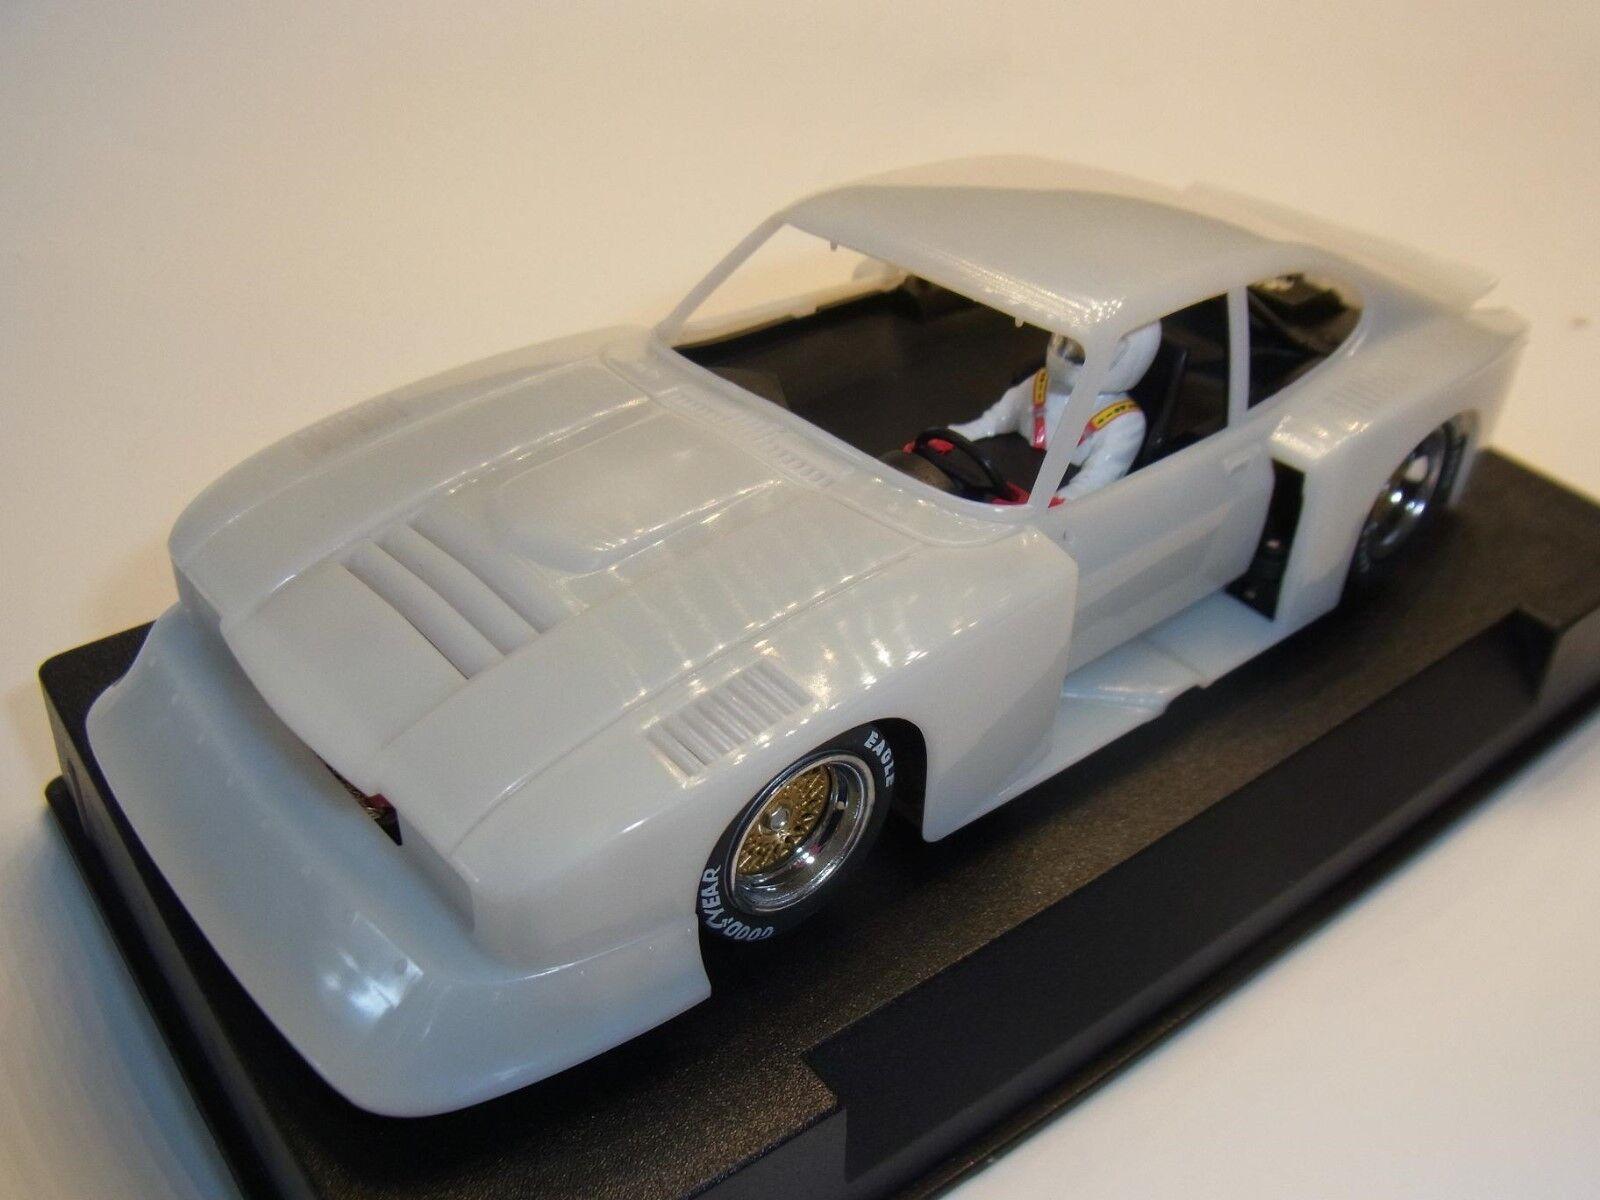 Sideways By Racer Ford Capri Bianco Kit SWK SWK SWK   Cz Pista per Auto 1 3 2 5a3f22